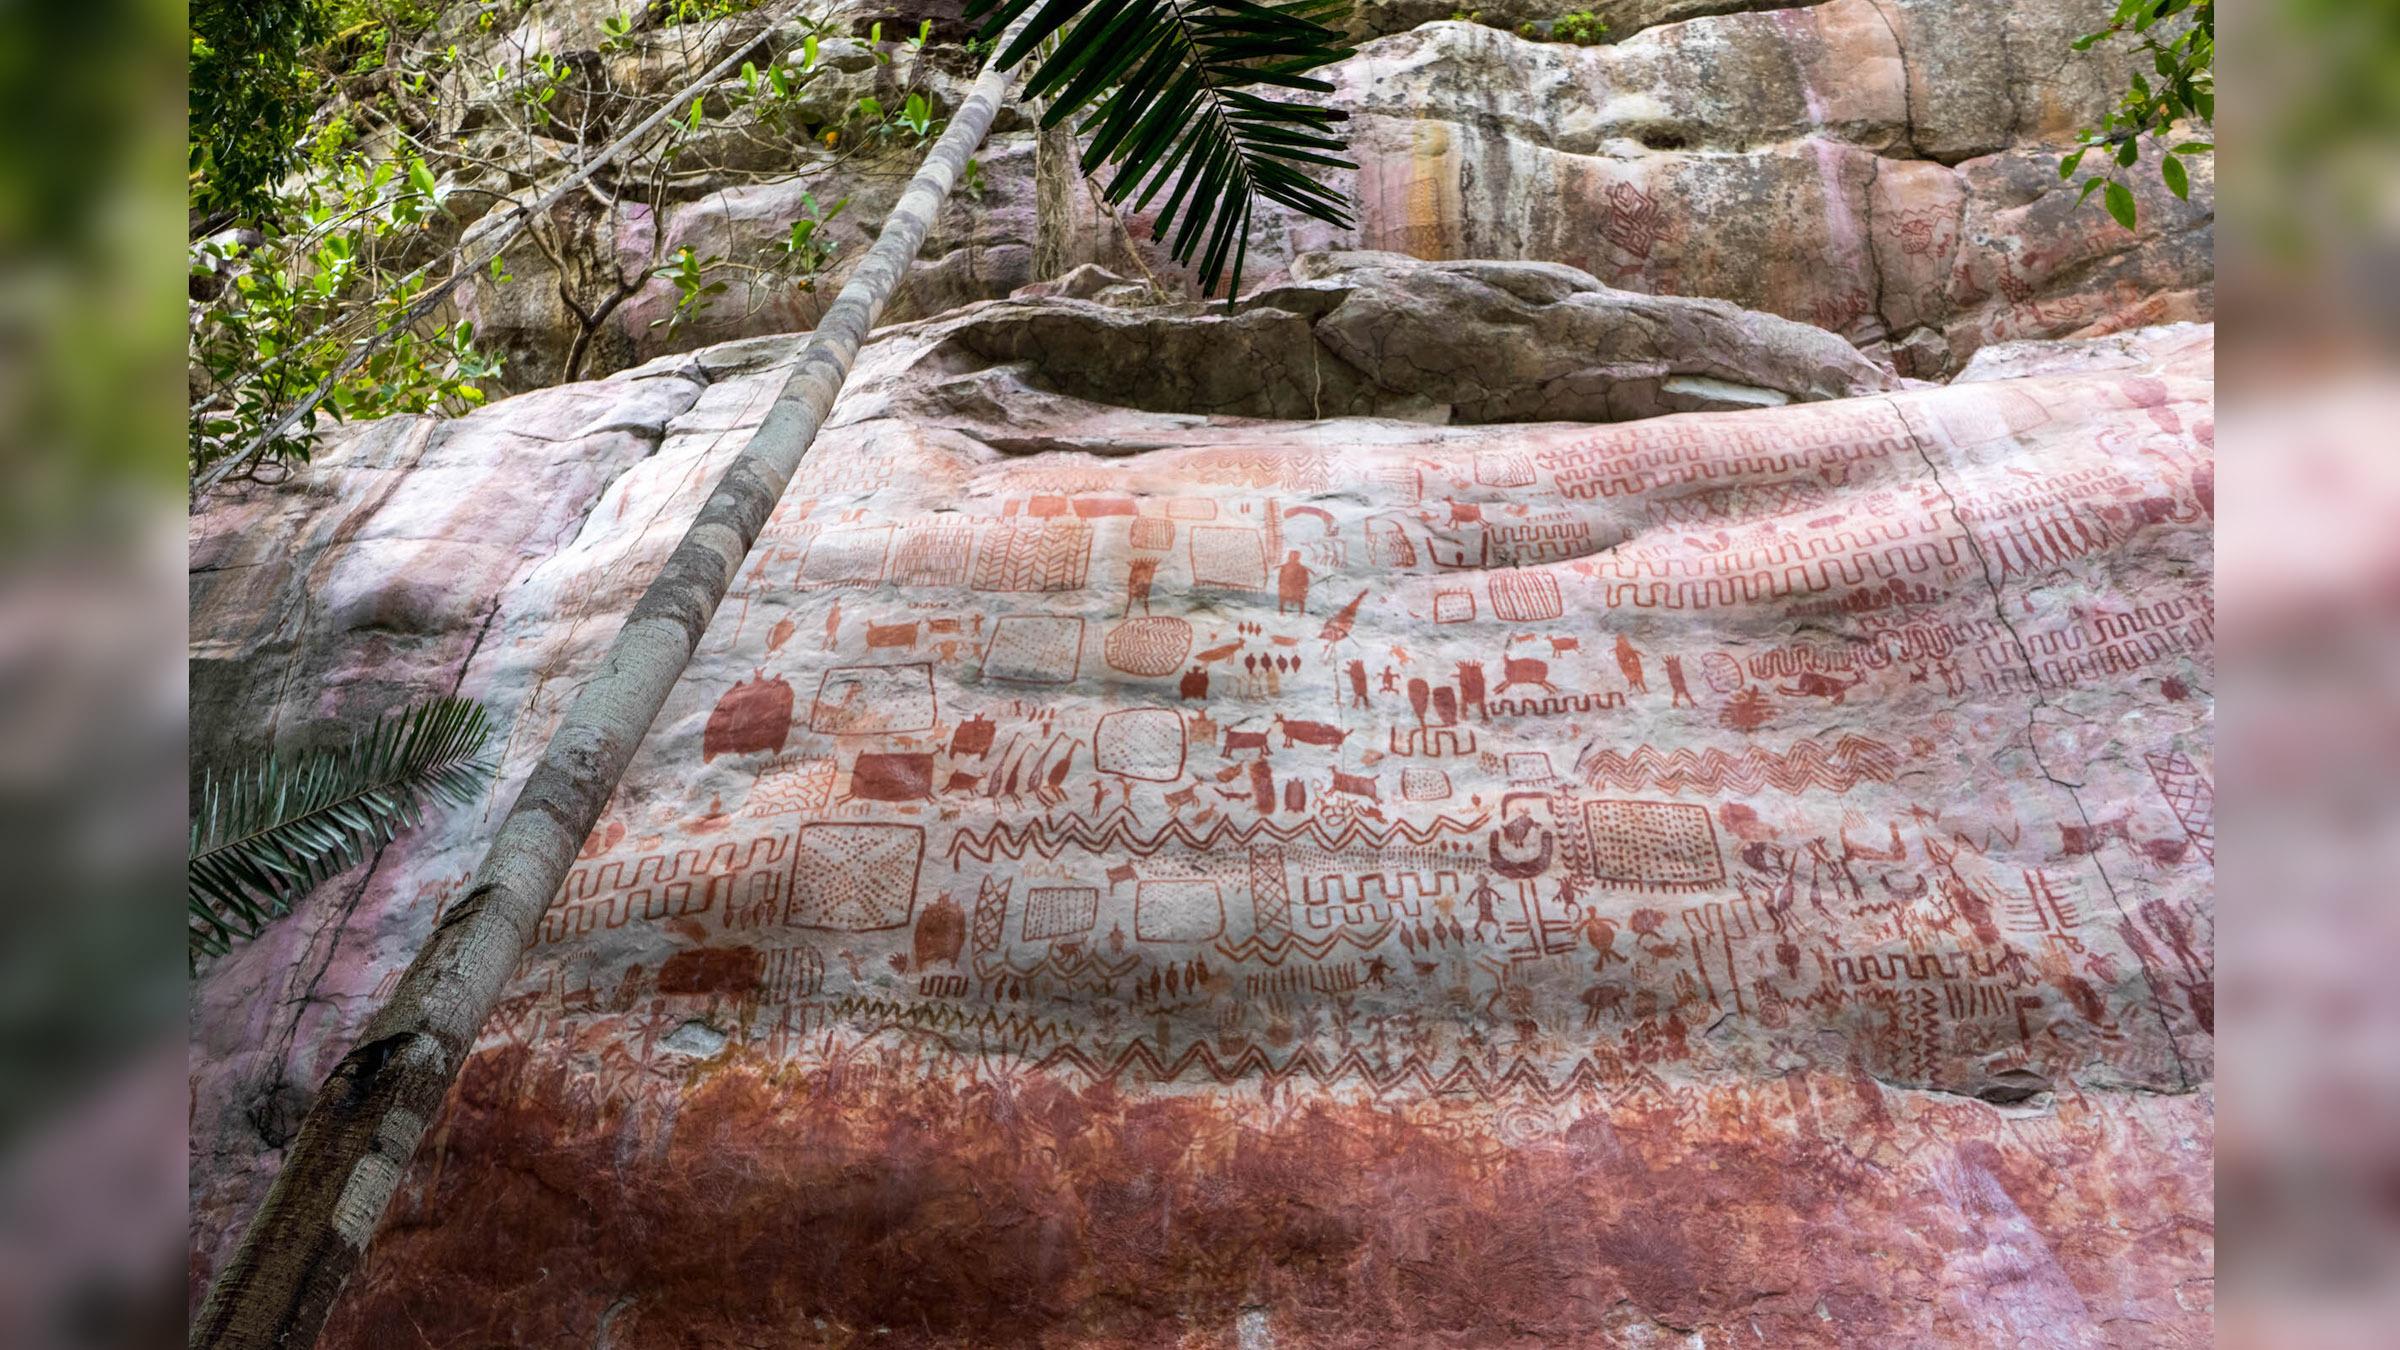 Des milliers d'images dessinées au cours de la dernière période glaciaire ont été trouvées dans la forêt amazonienne.